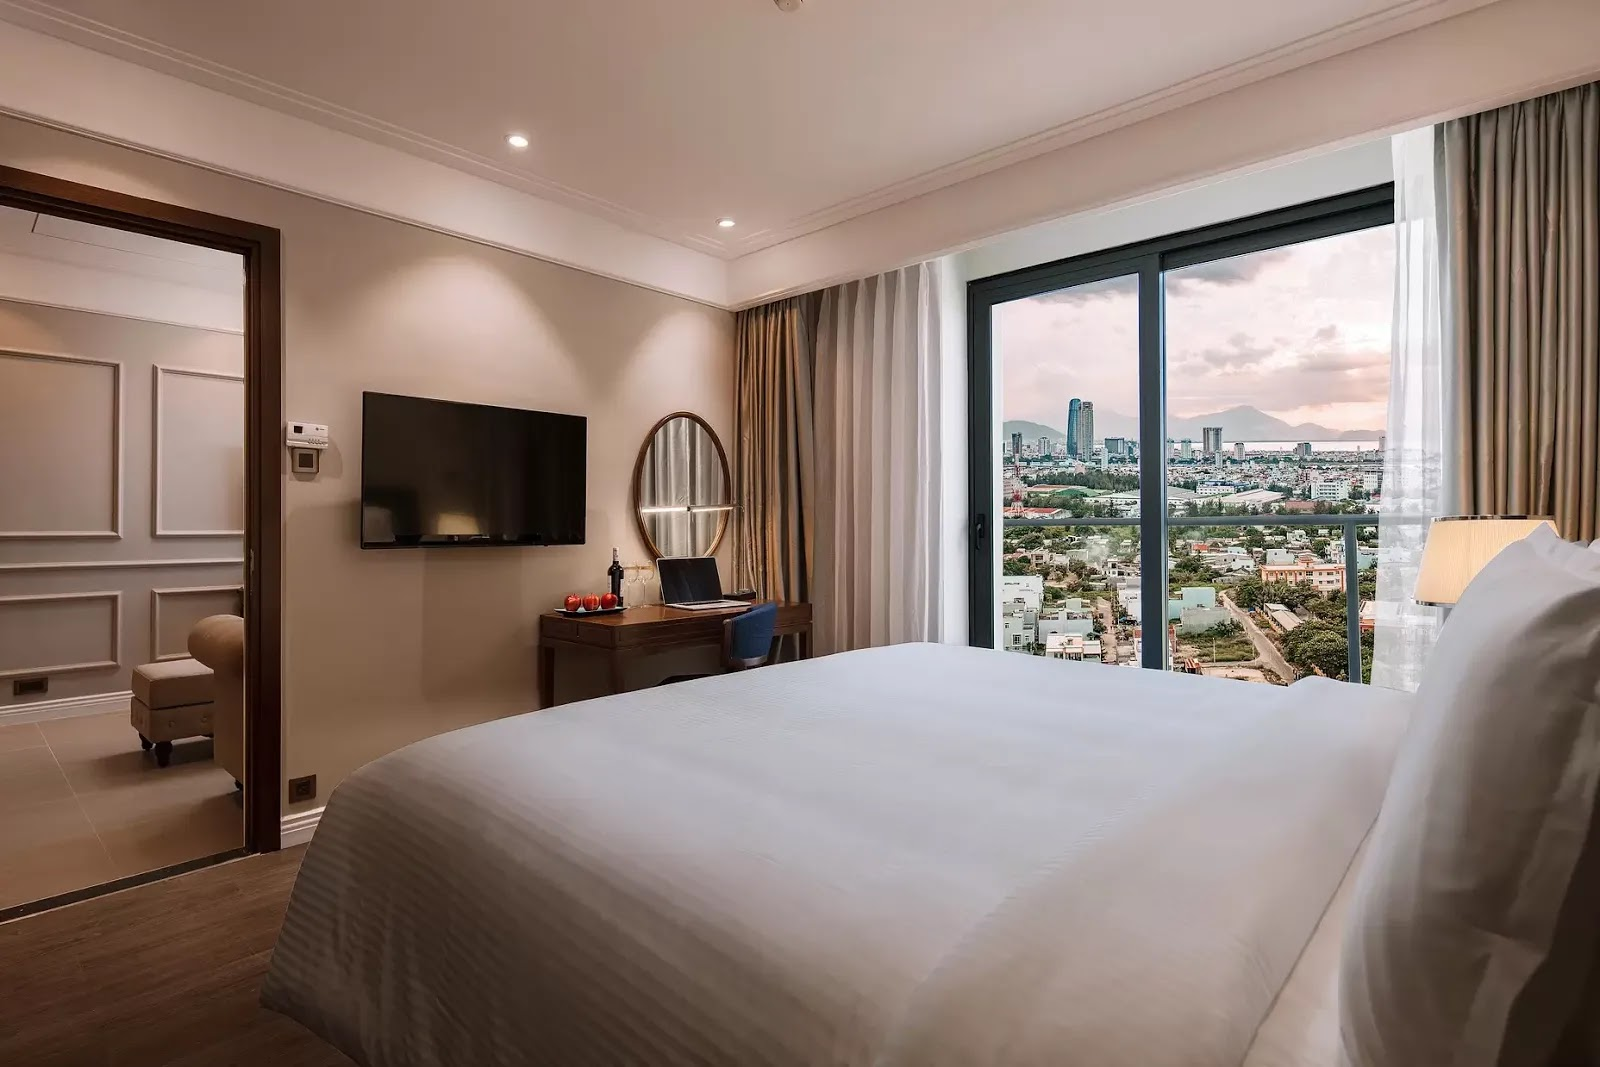 Phòng ngủ căn hộ Luxury Đà Nẵng